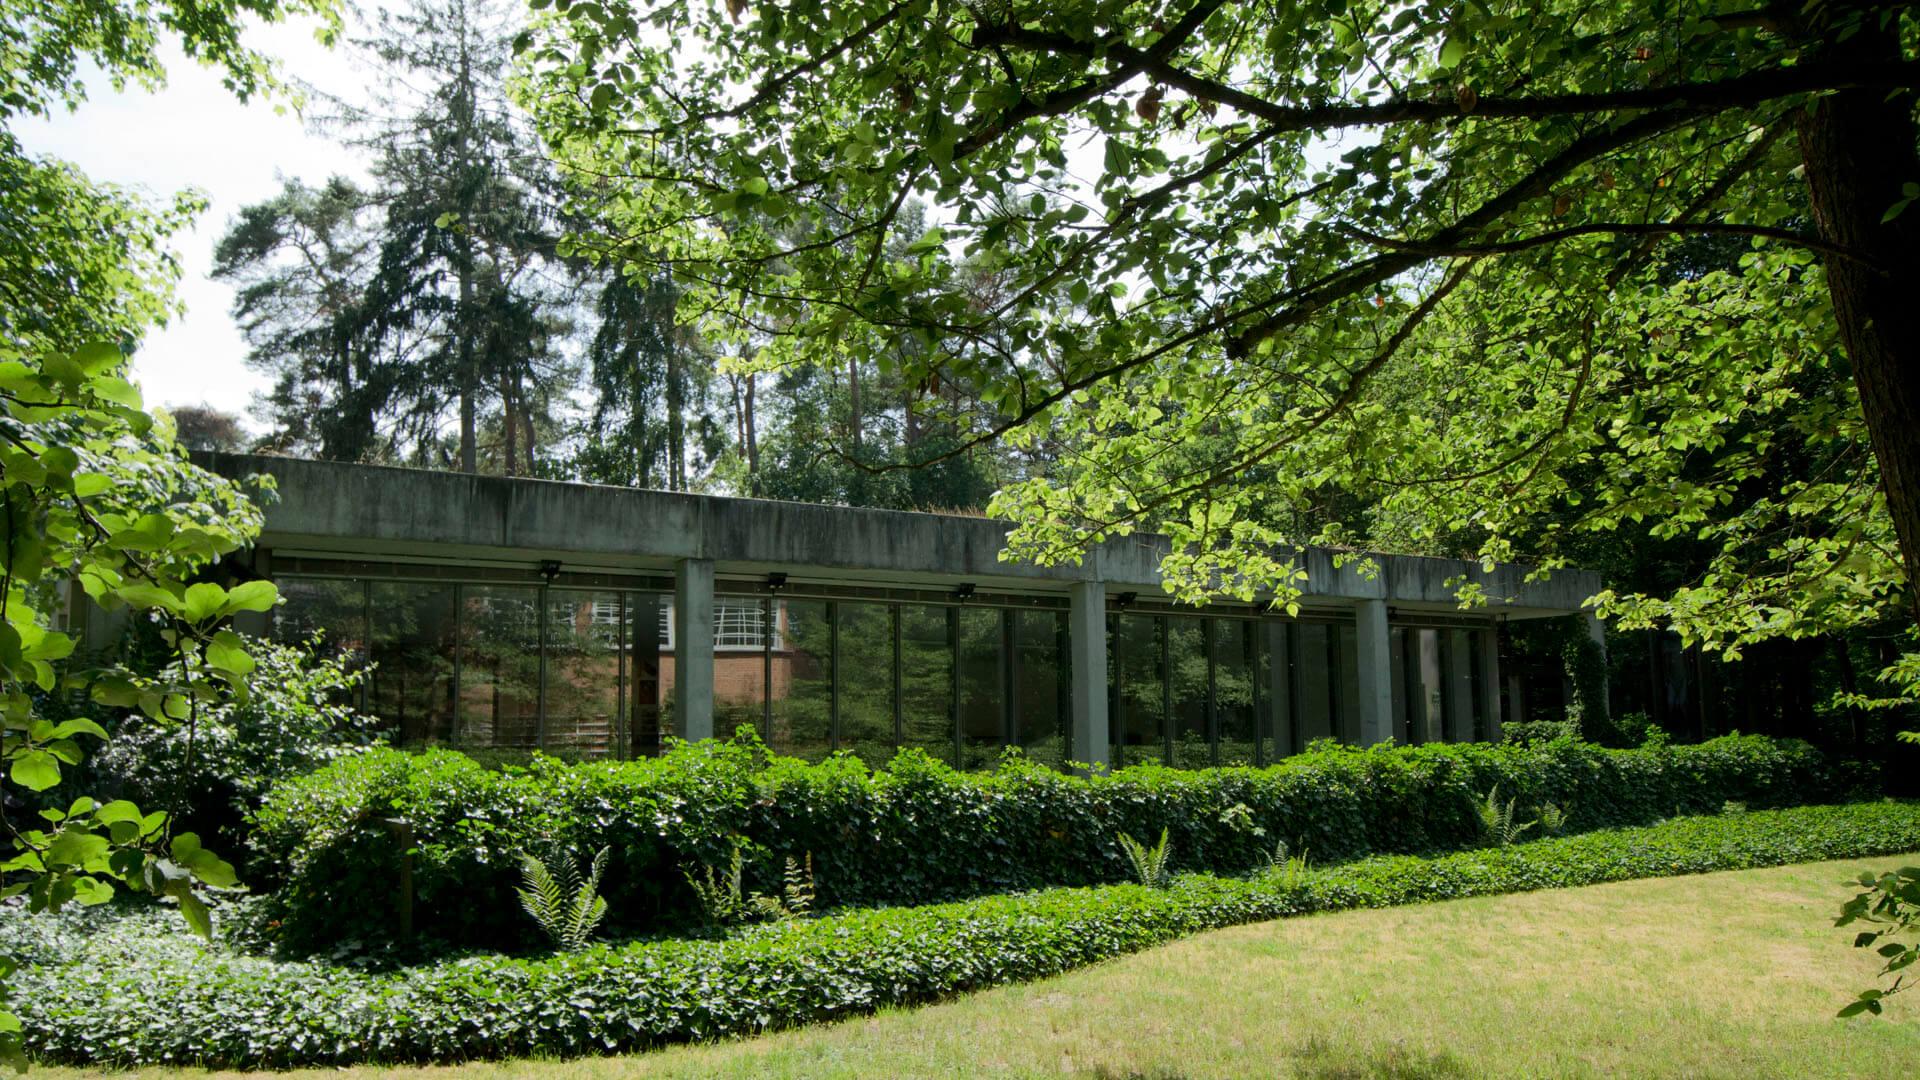 Barlach Museum in Heidberg